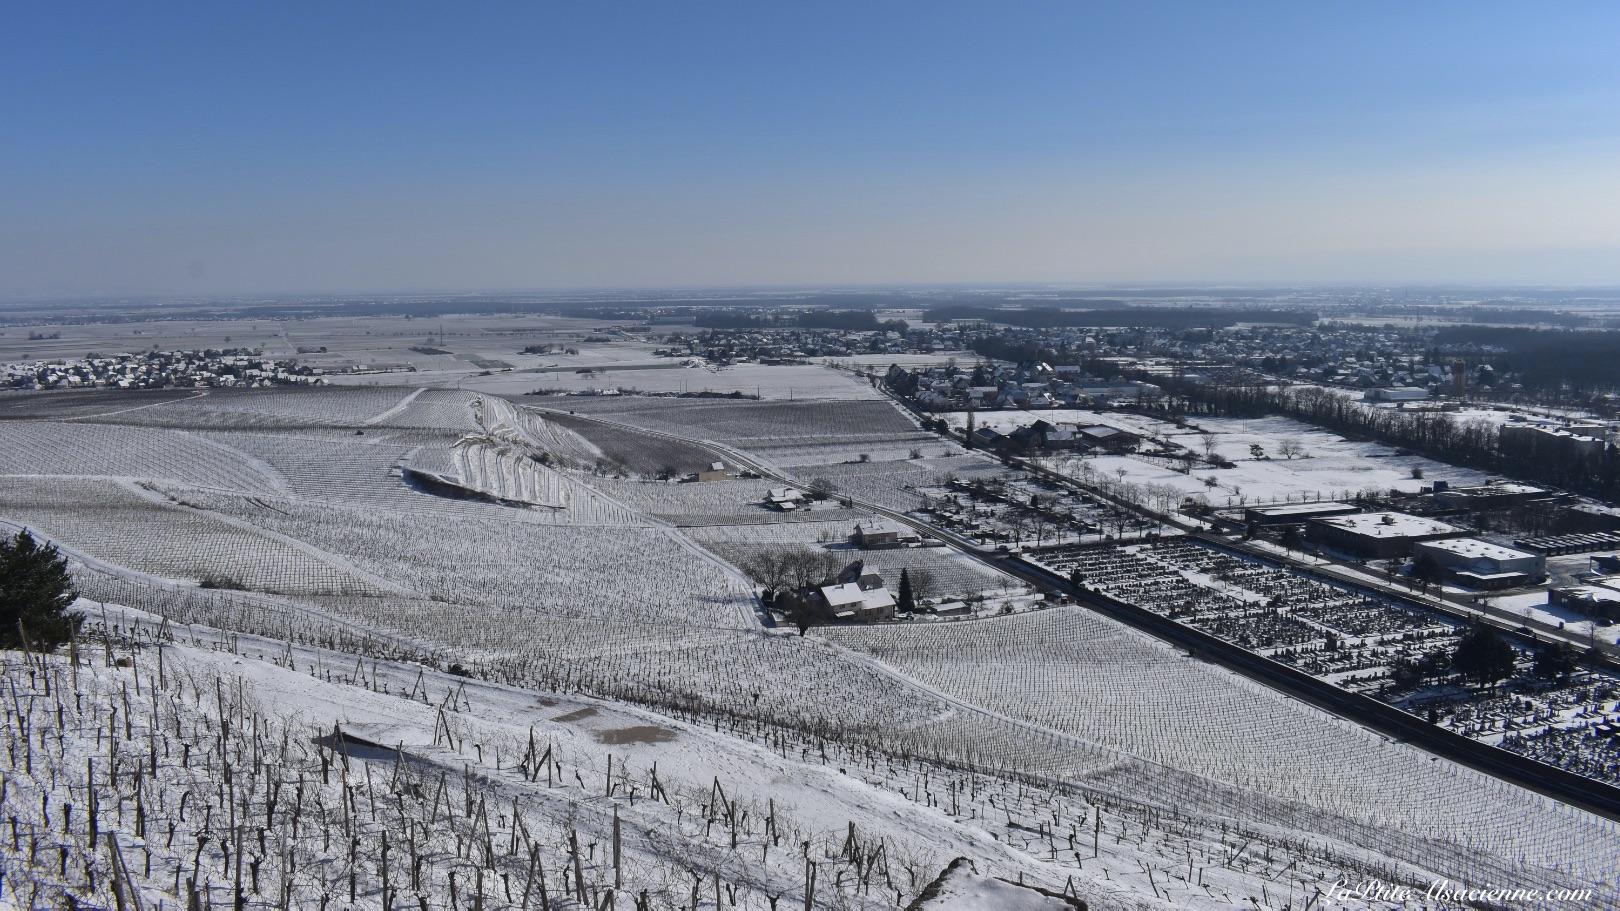 Vue sur la plaine d'Alsace depuis le vignoble de Guebwiller. Photo by Cendrine Miesch dite LaPtiteAlsacienne